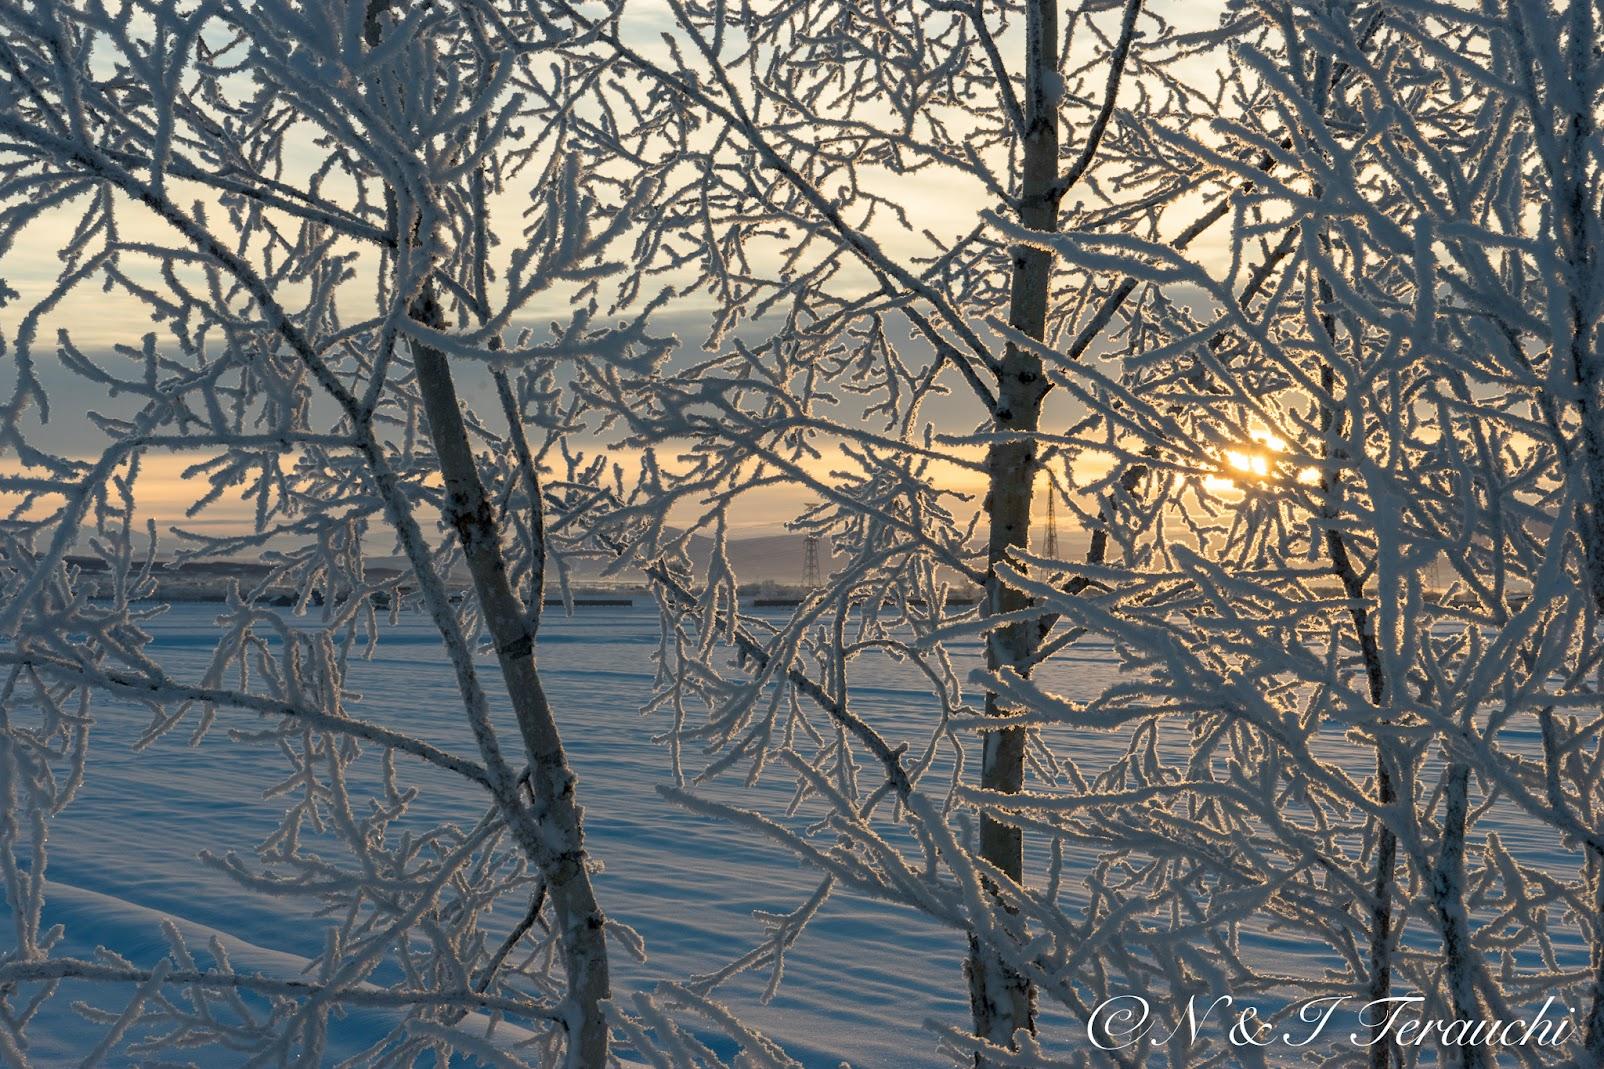 朝陽を浴びてきらめく樹氷